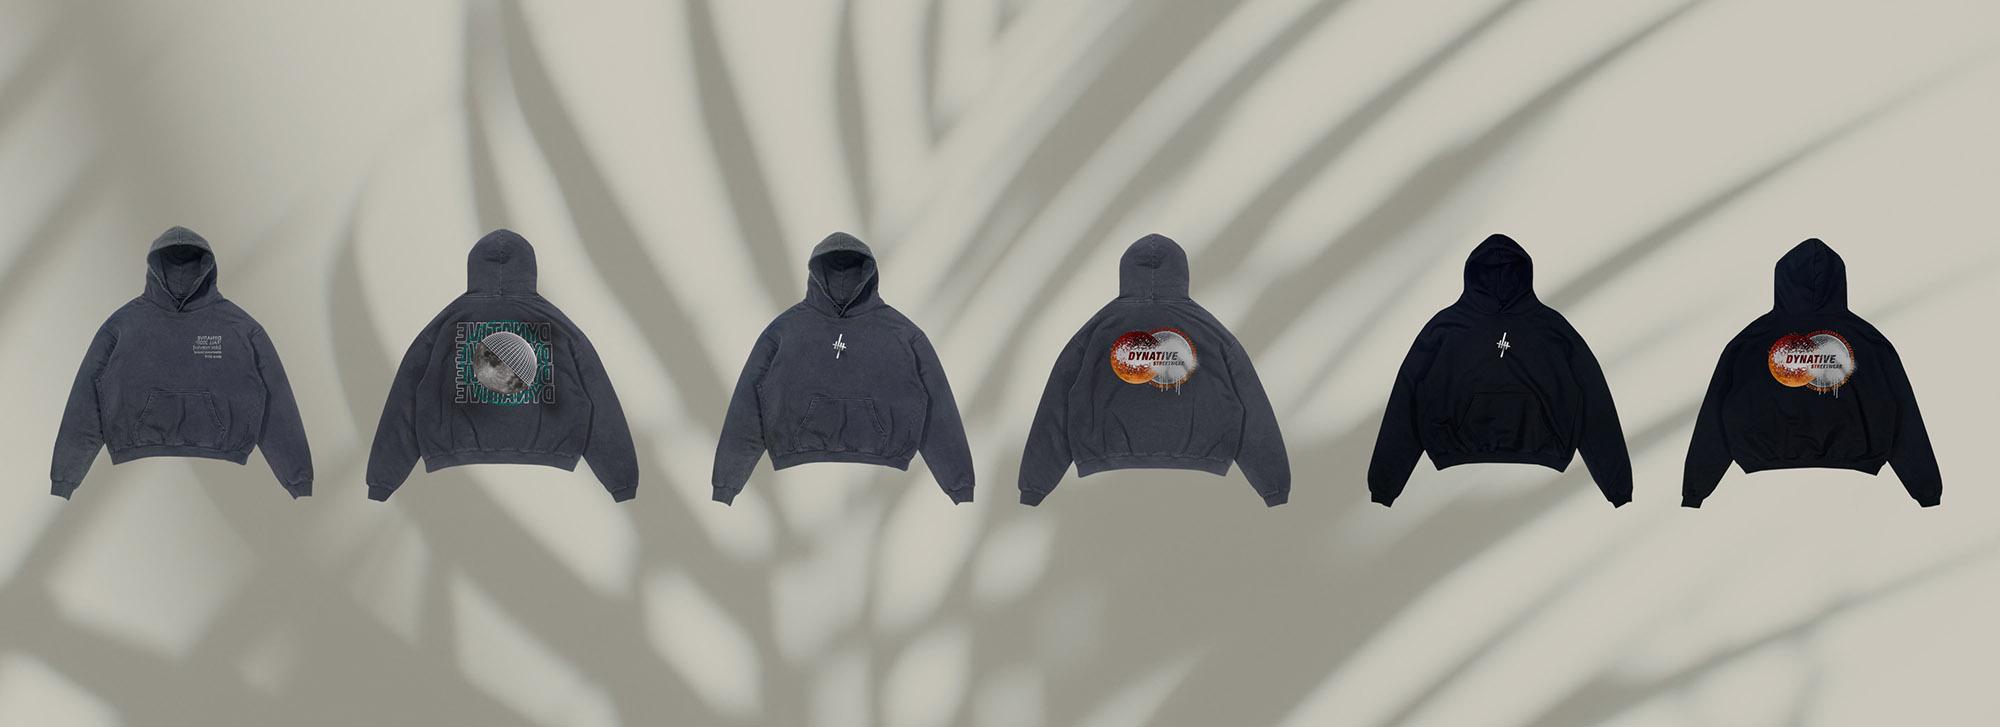 dyn fc21 hoodies scaled